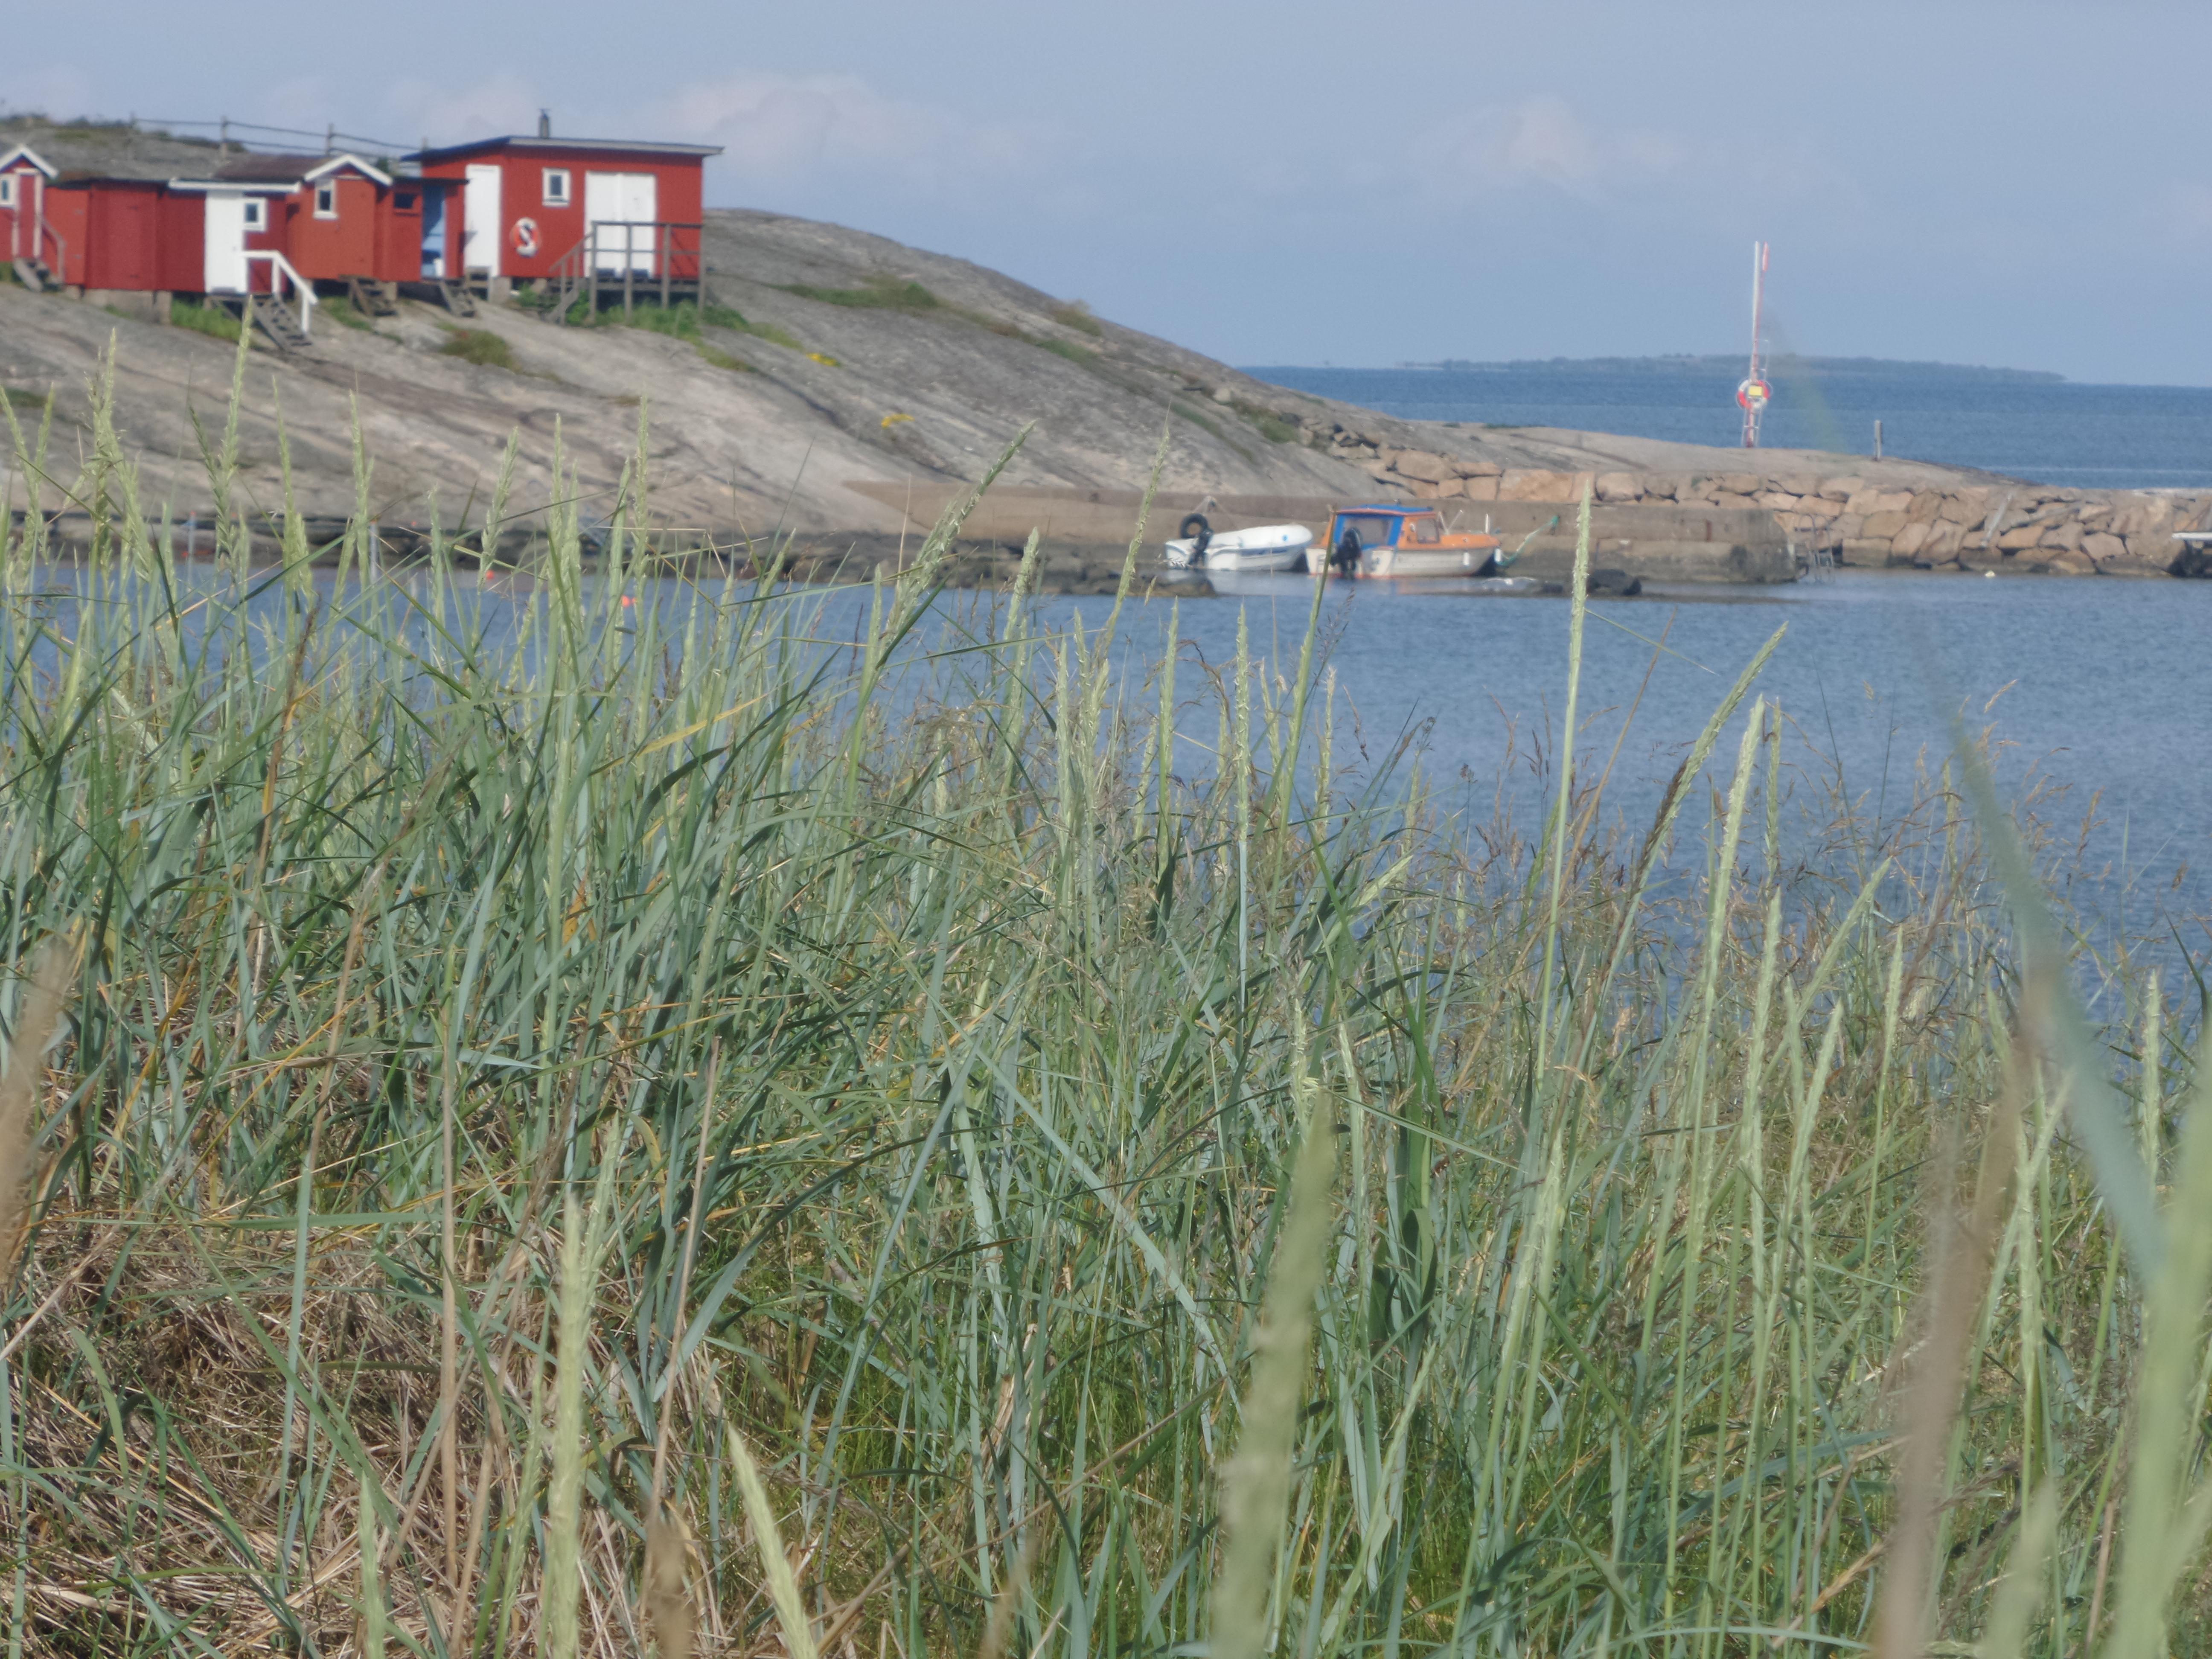 frillesås Maria Åkerberg